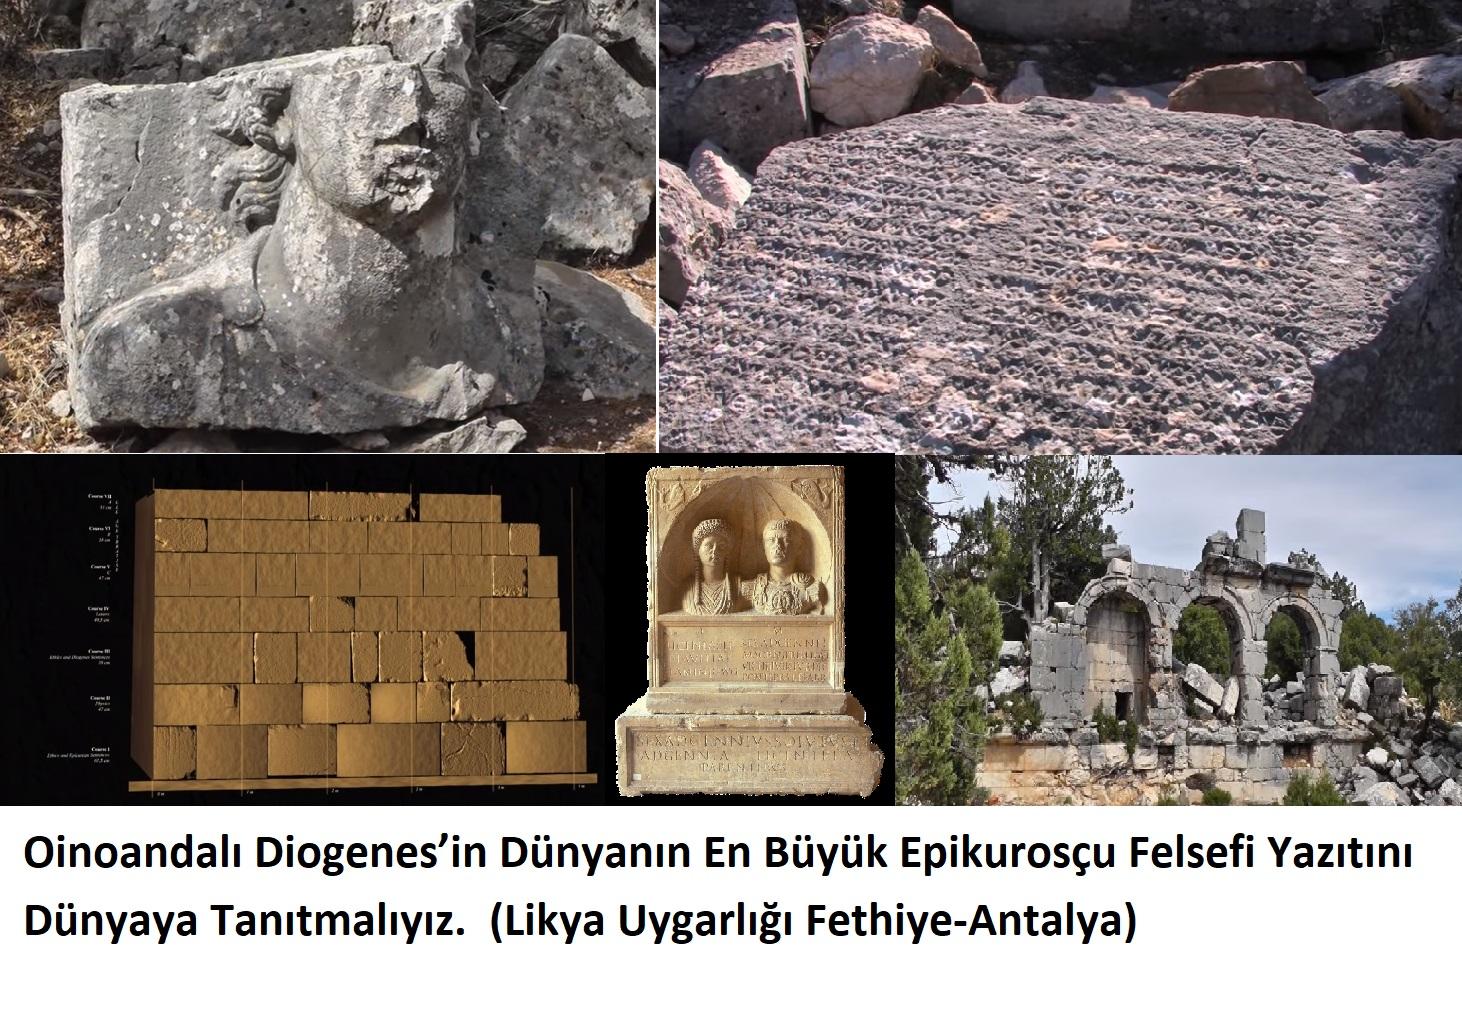 Oinoandalı Diogenes'in Epikurosçu Yazıtını Dünyaya Tanıtmalıyız – Antalya